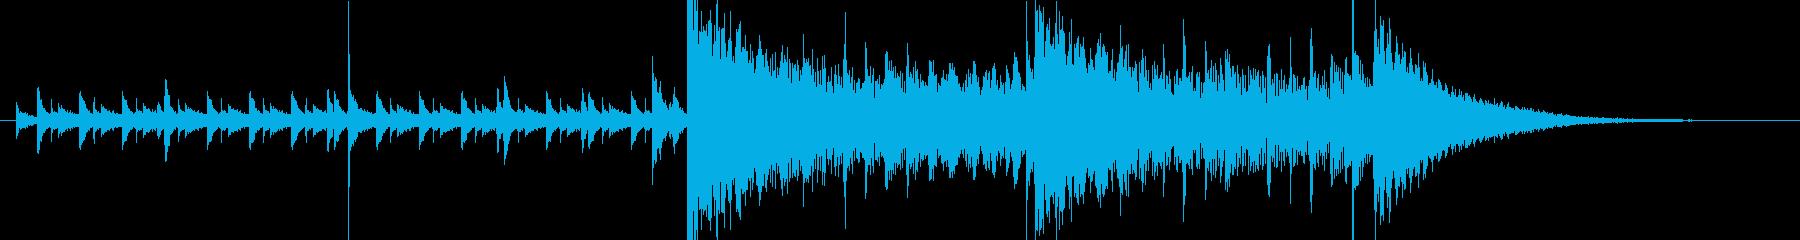 15秒・緊張感・クール・高速ジャズの再生済みの波形